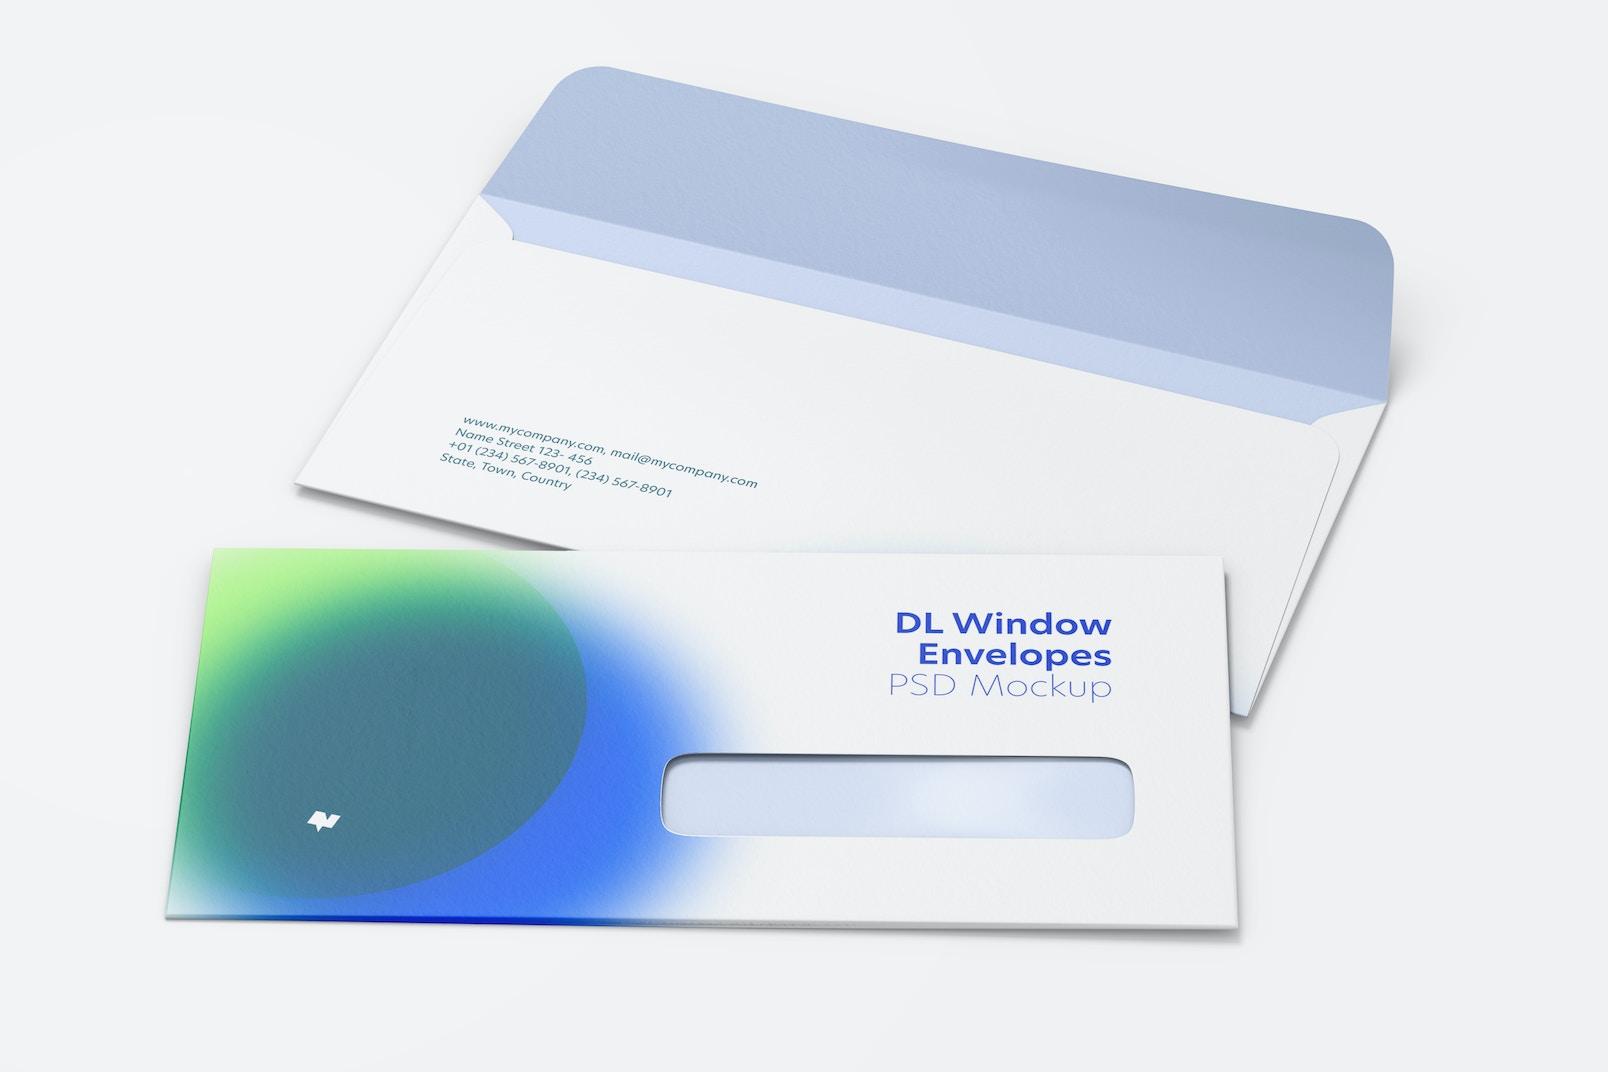 Maqueta de Sobres DL con Ventana, Perspectiva